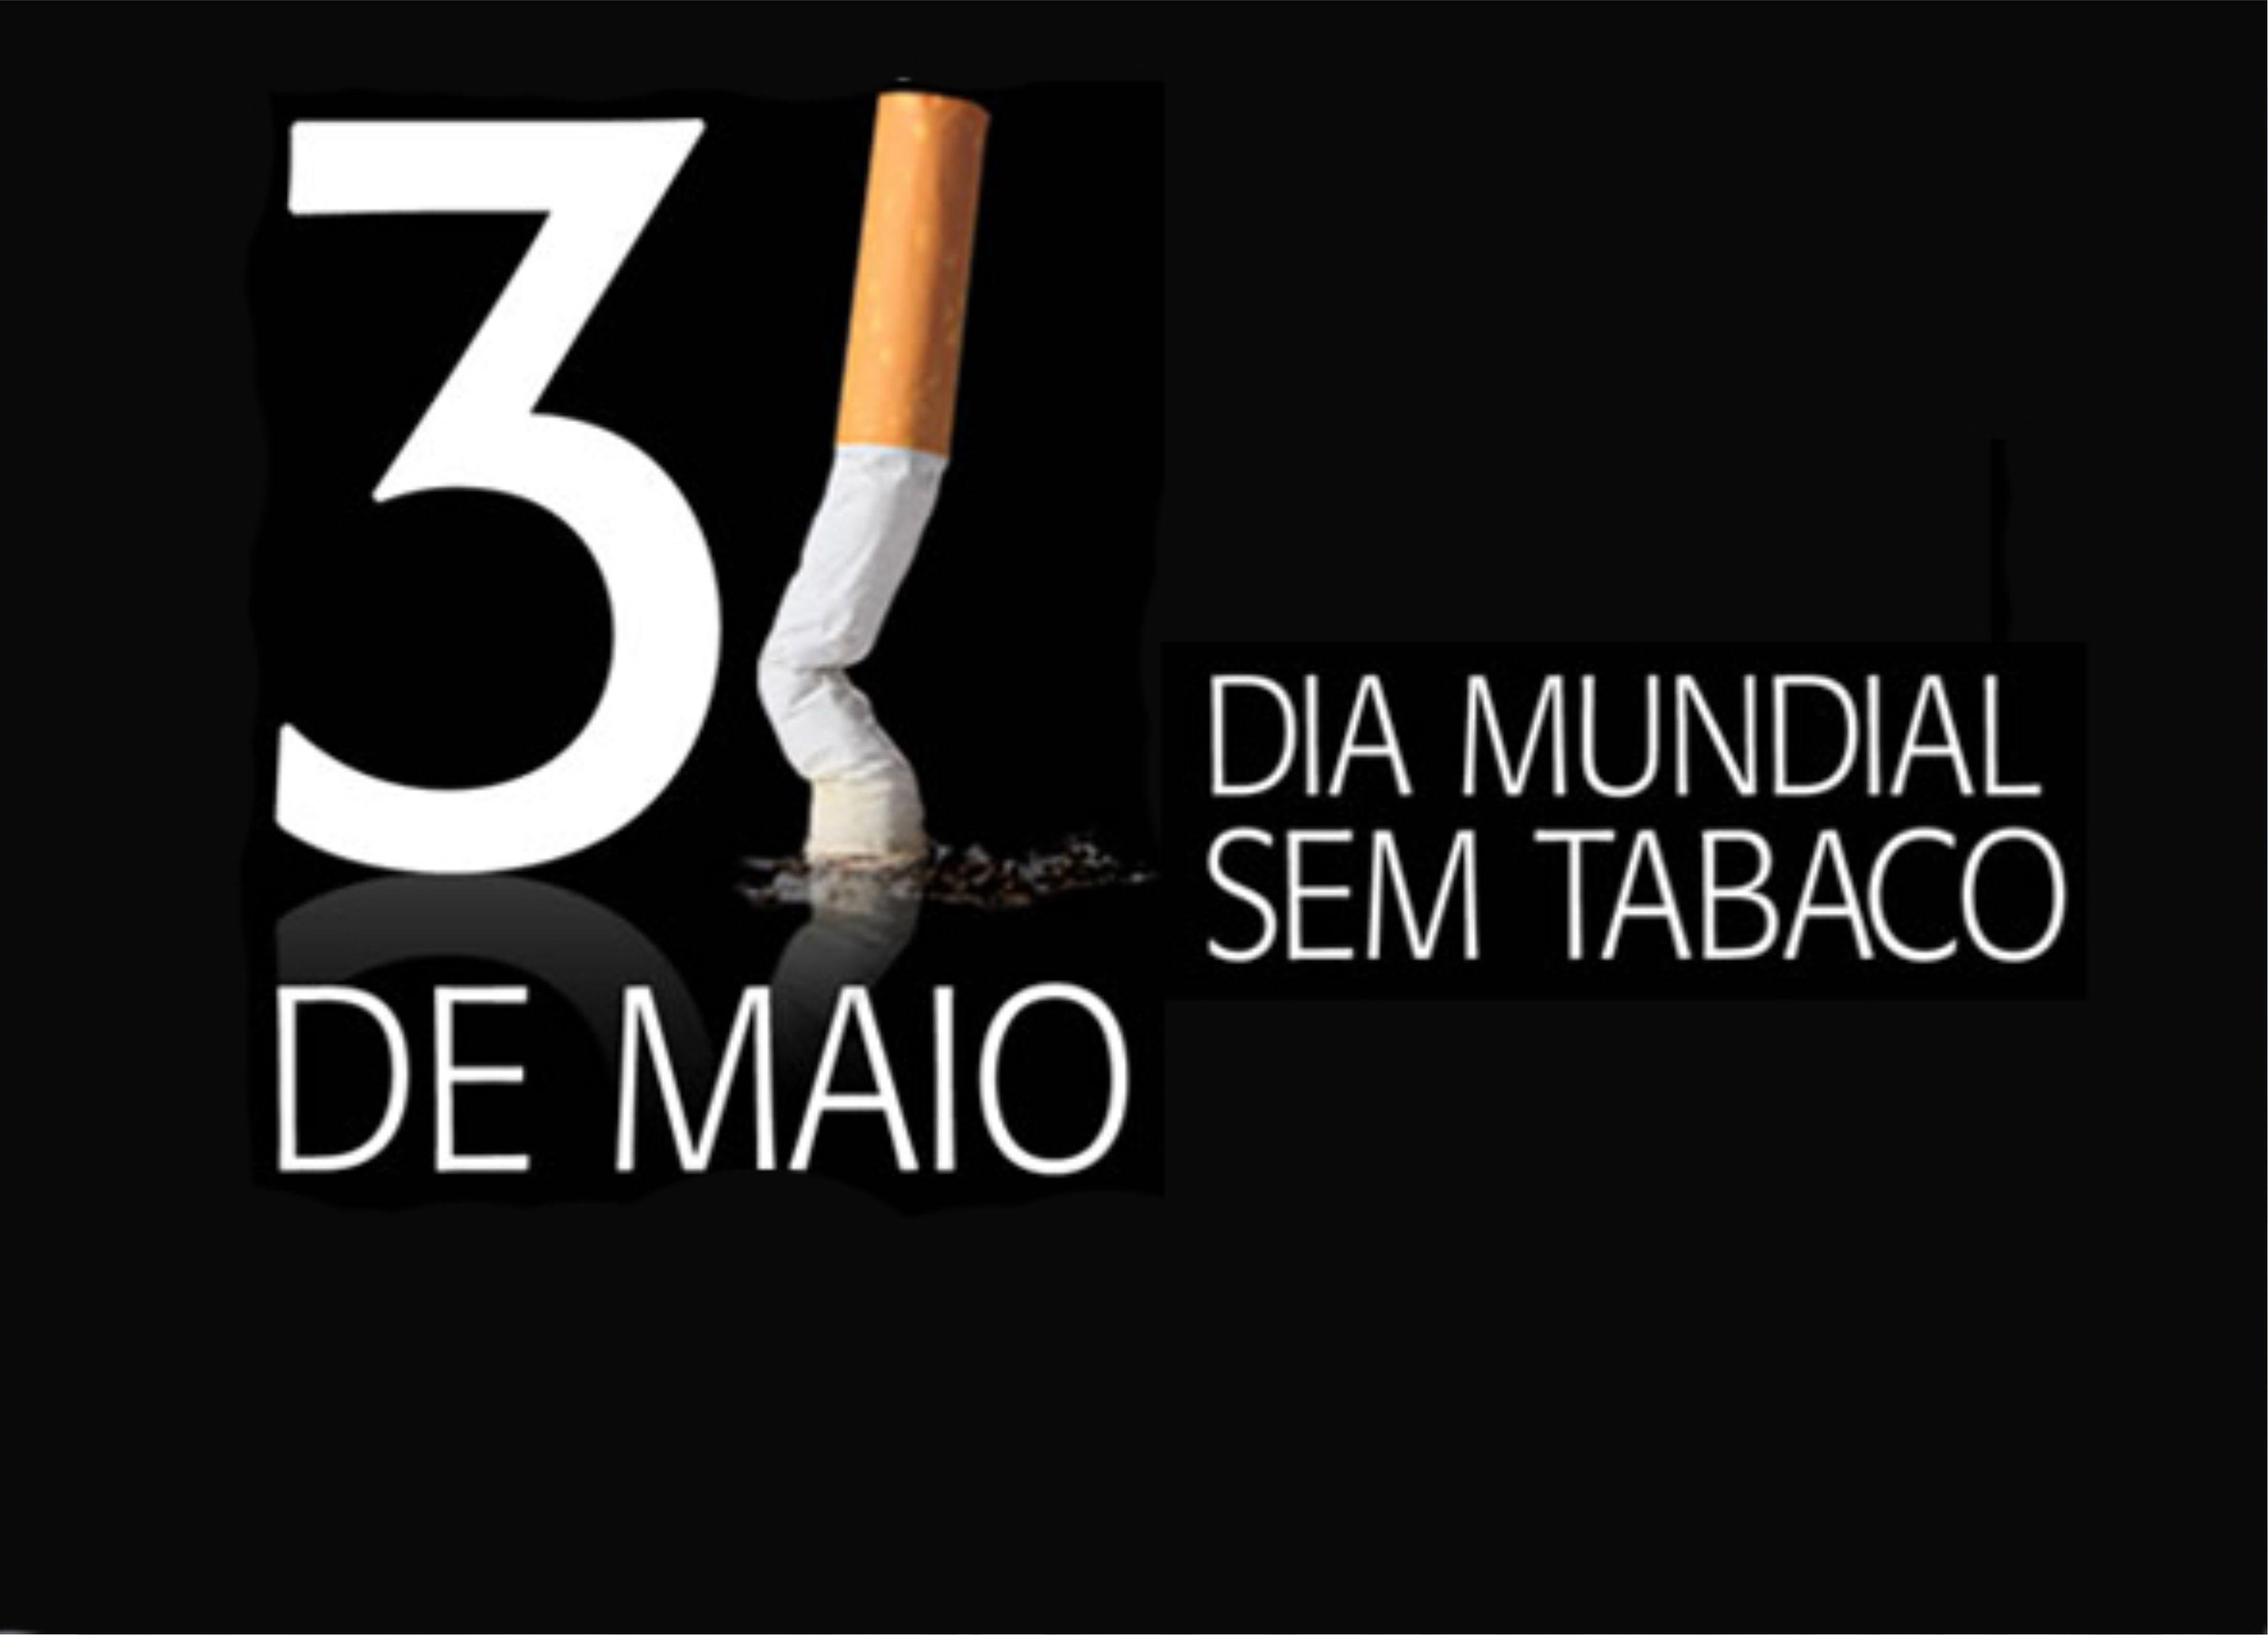 Suor fumante deixado à noite